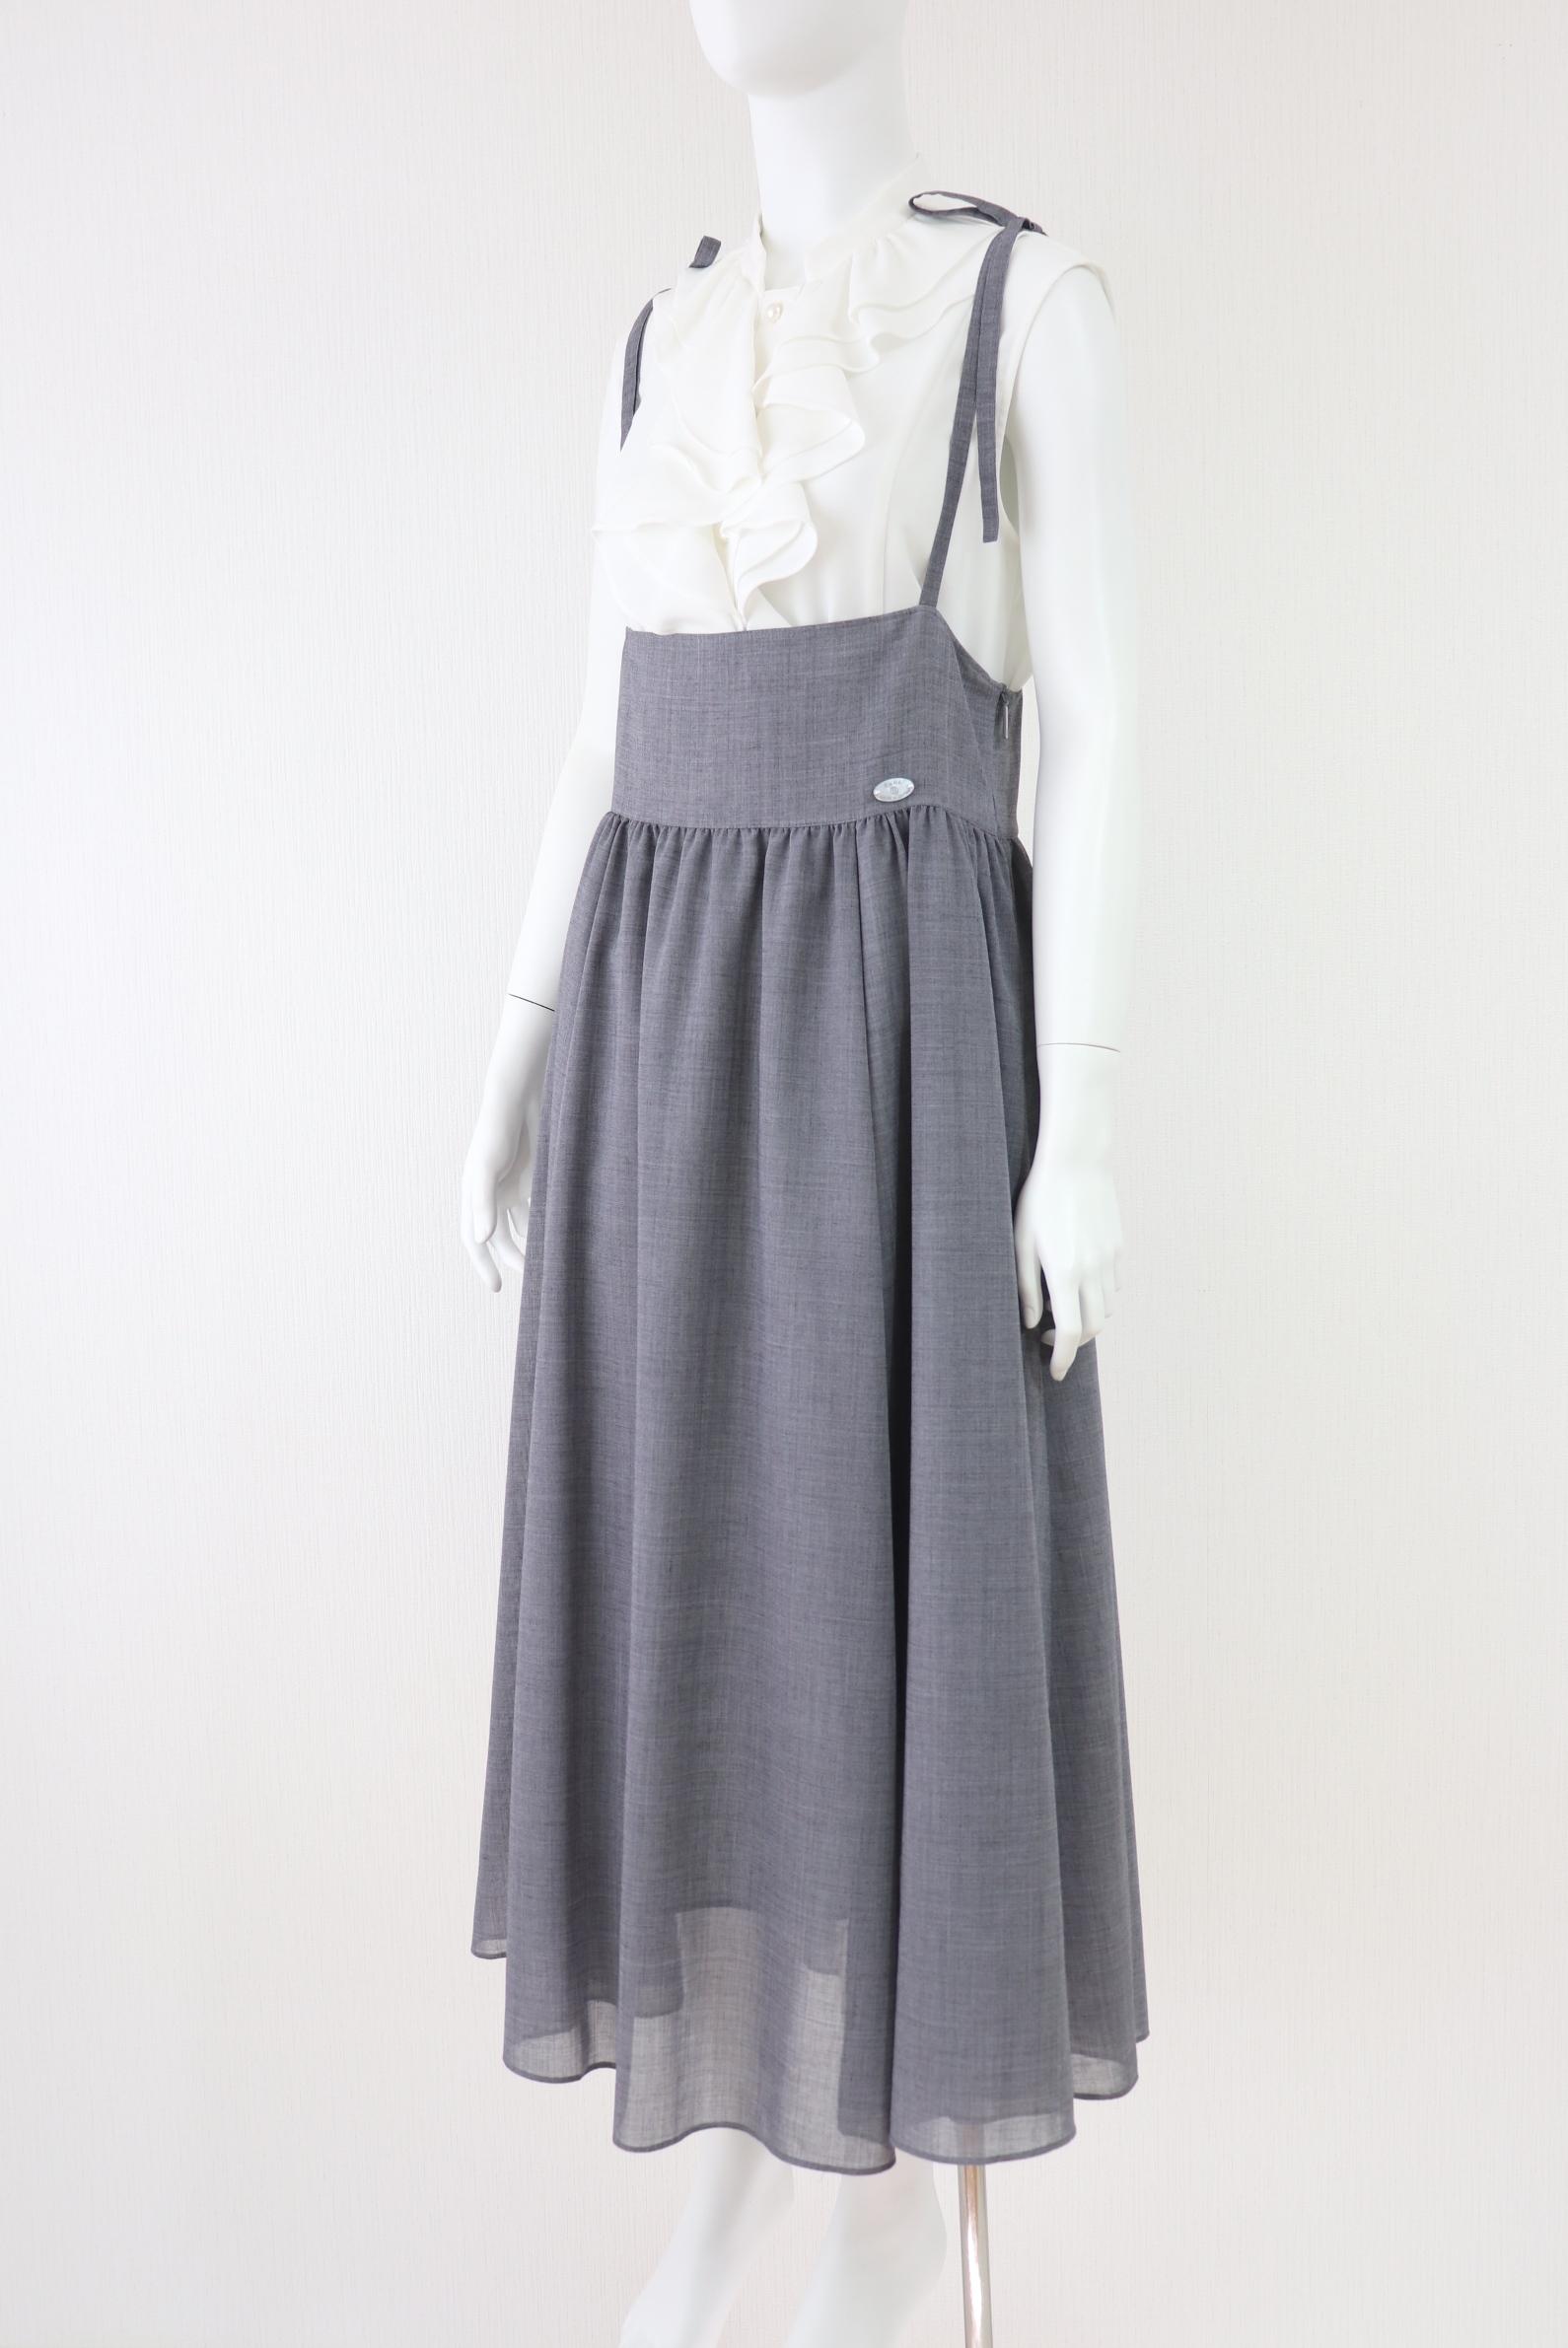 Rene(ルネ) リブタートルネックセーター 5942060